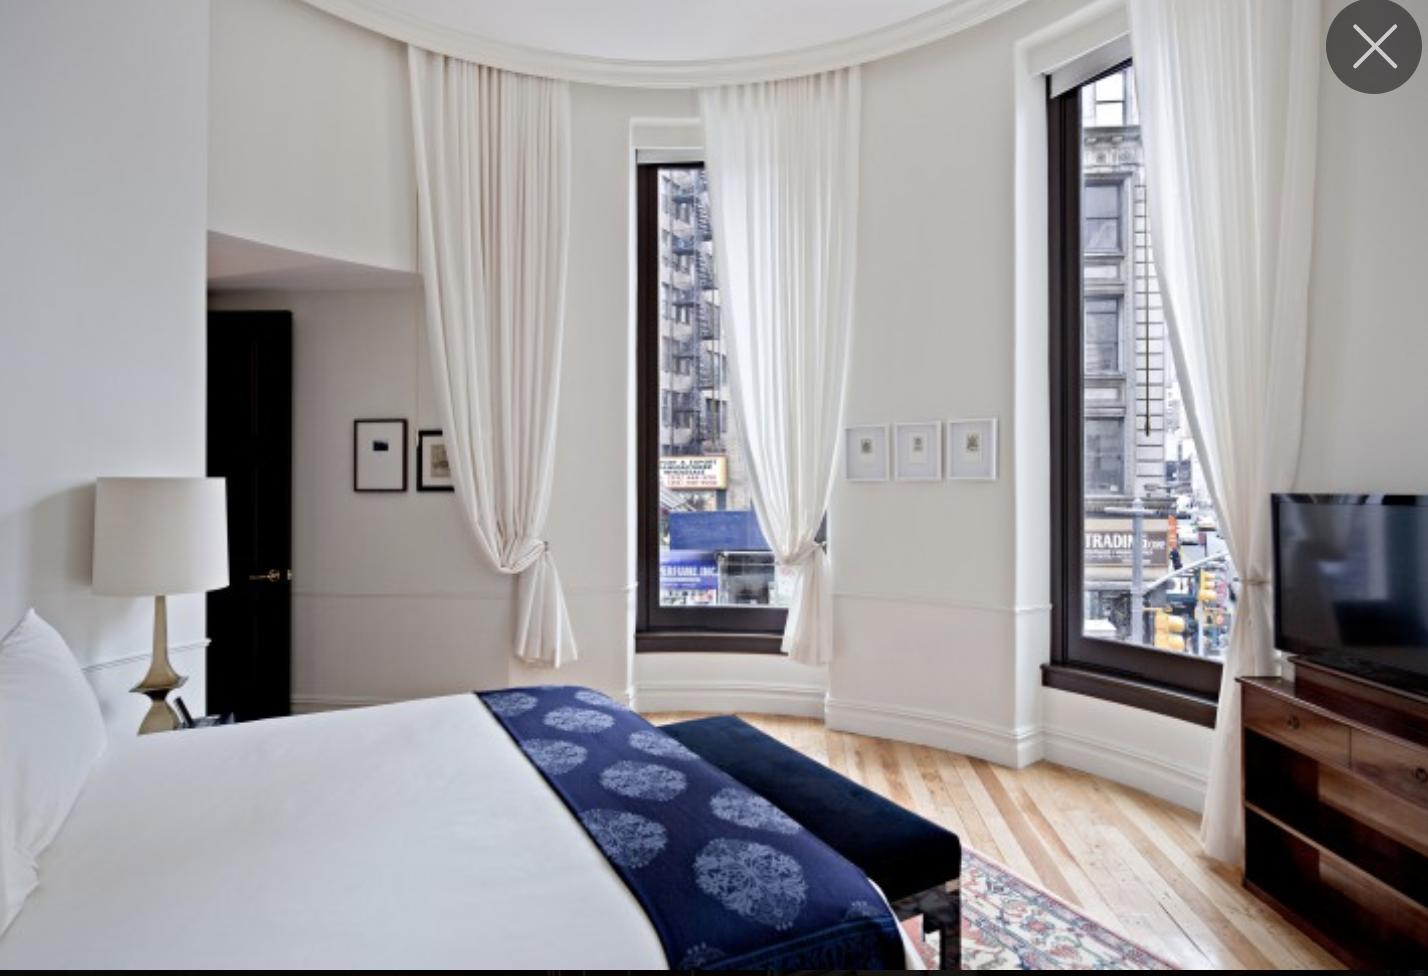 NOMAD HOTEL. - NEW YORK